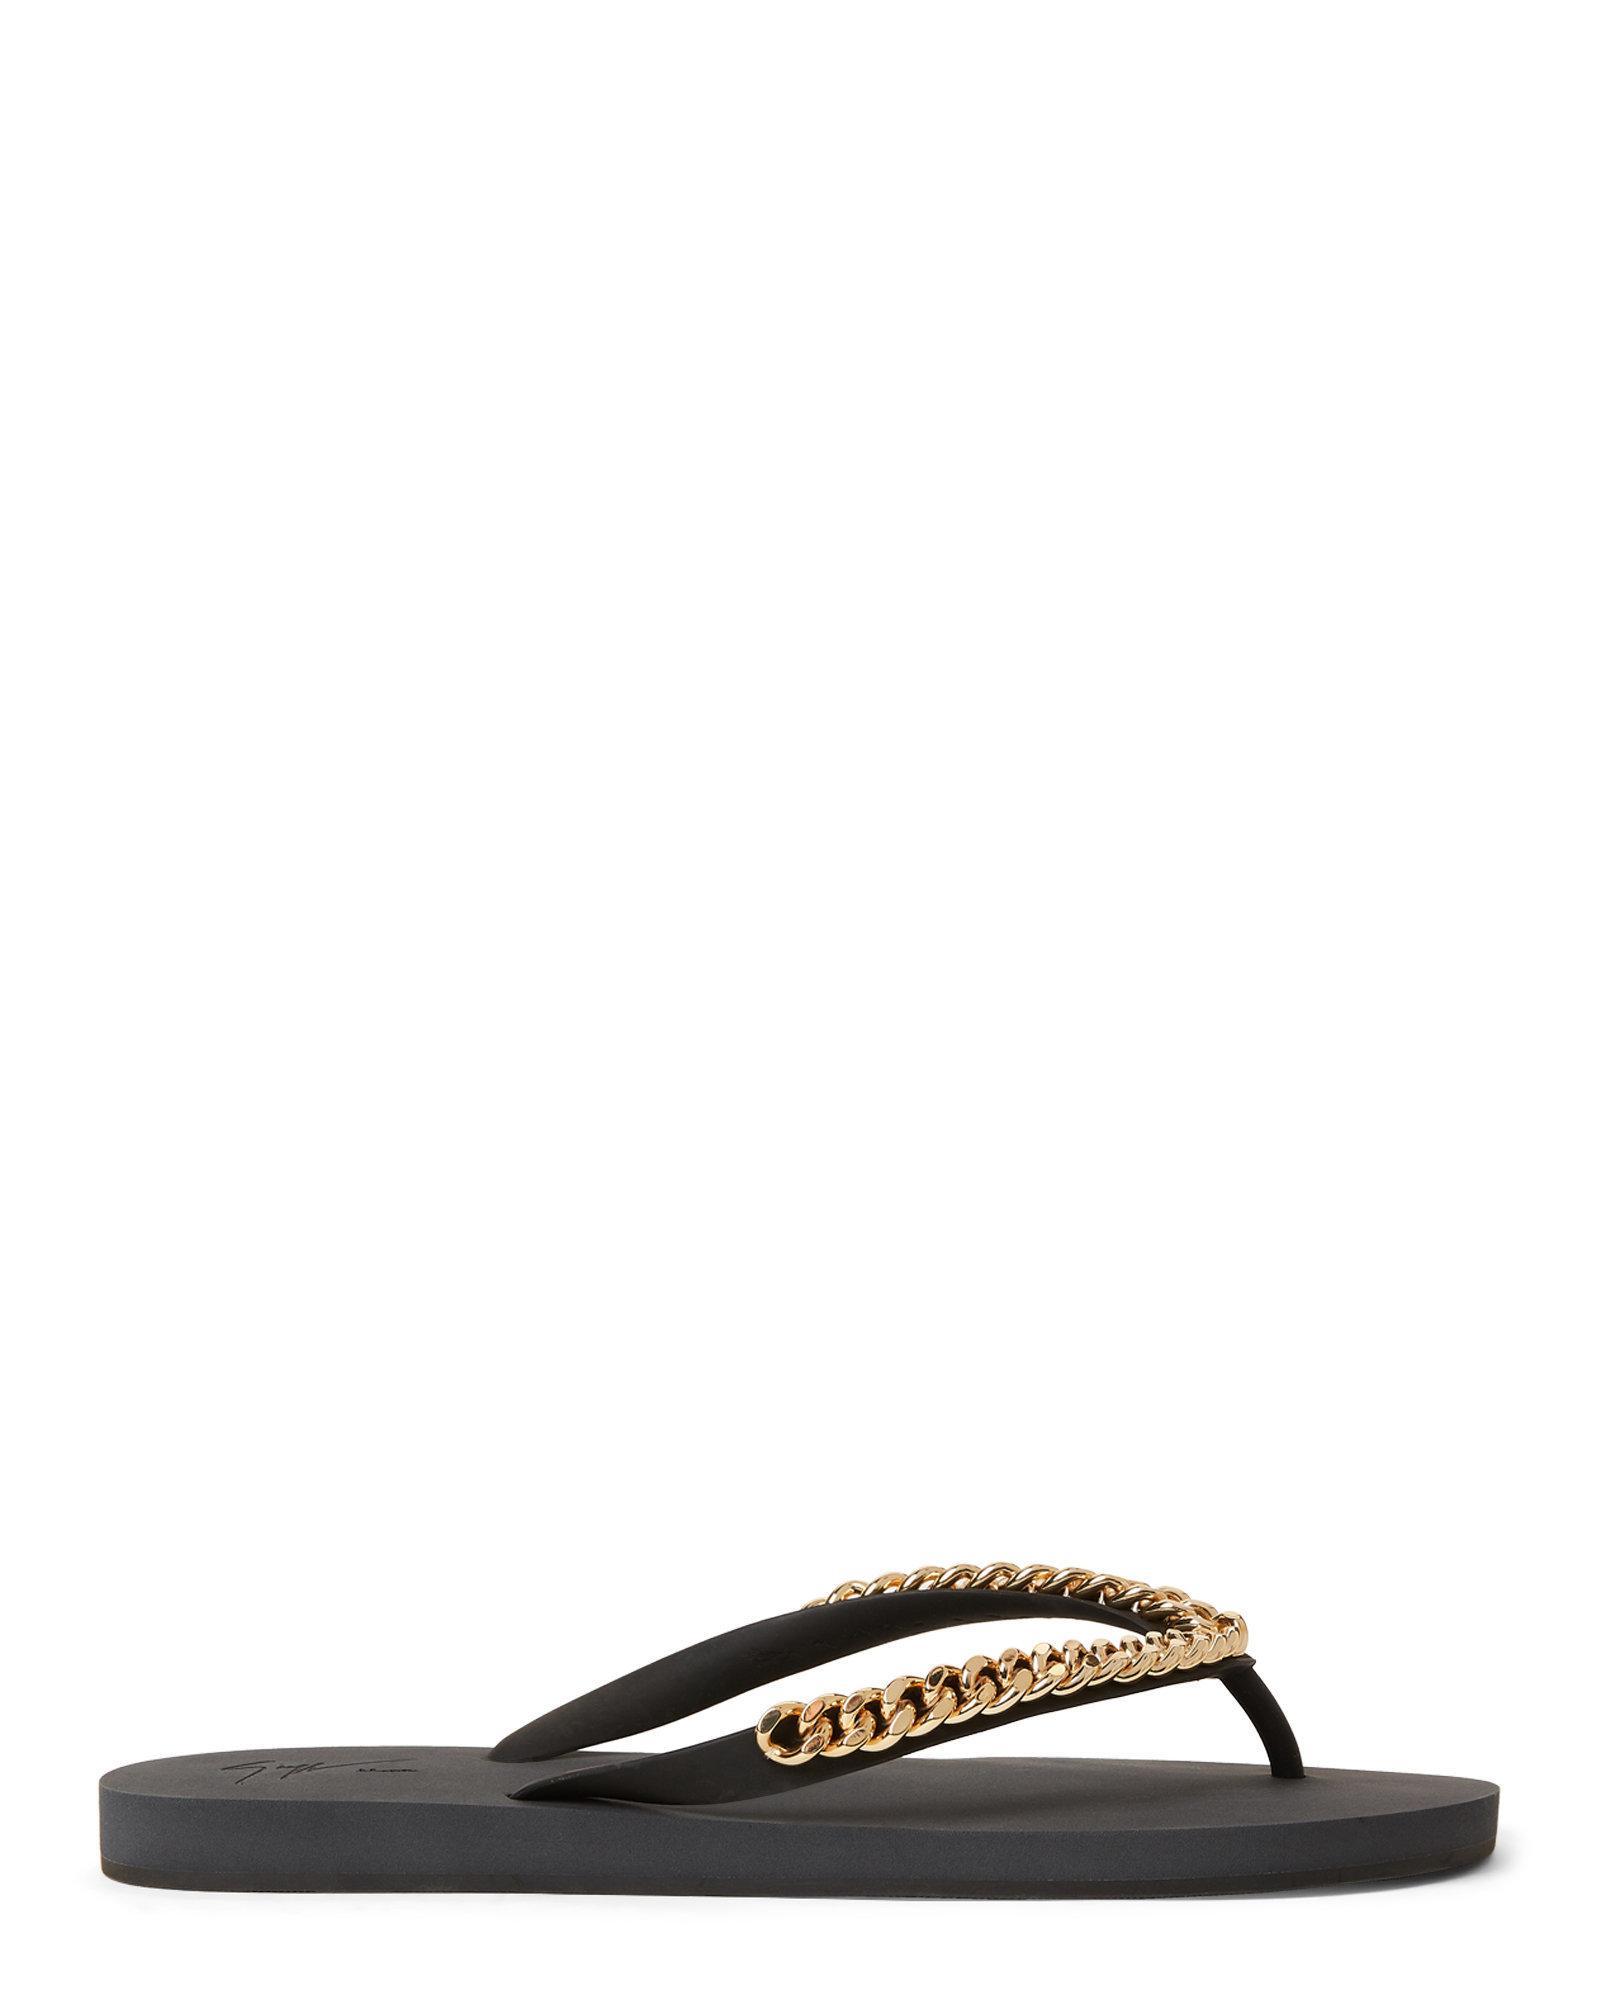 6ff97a419 Lyst - Giuseppe Zanotti Chain Link Flip Flops in Black